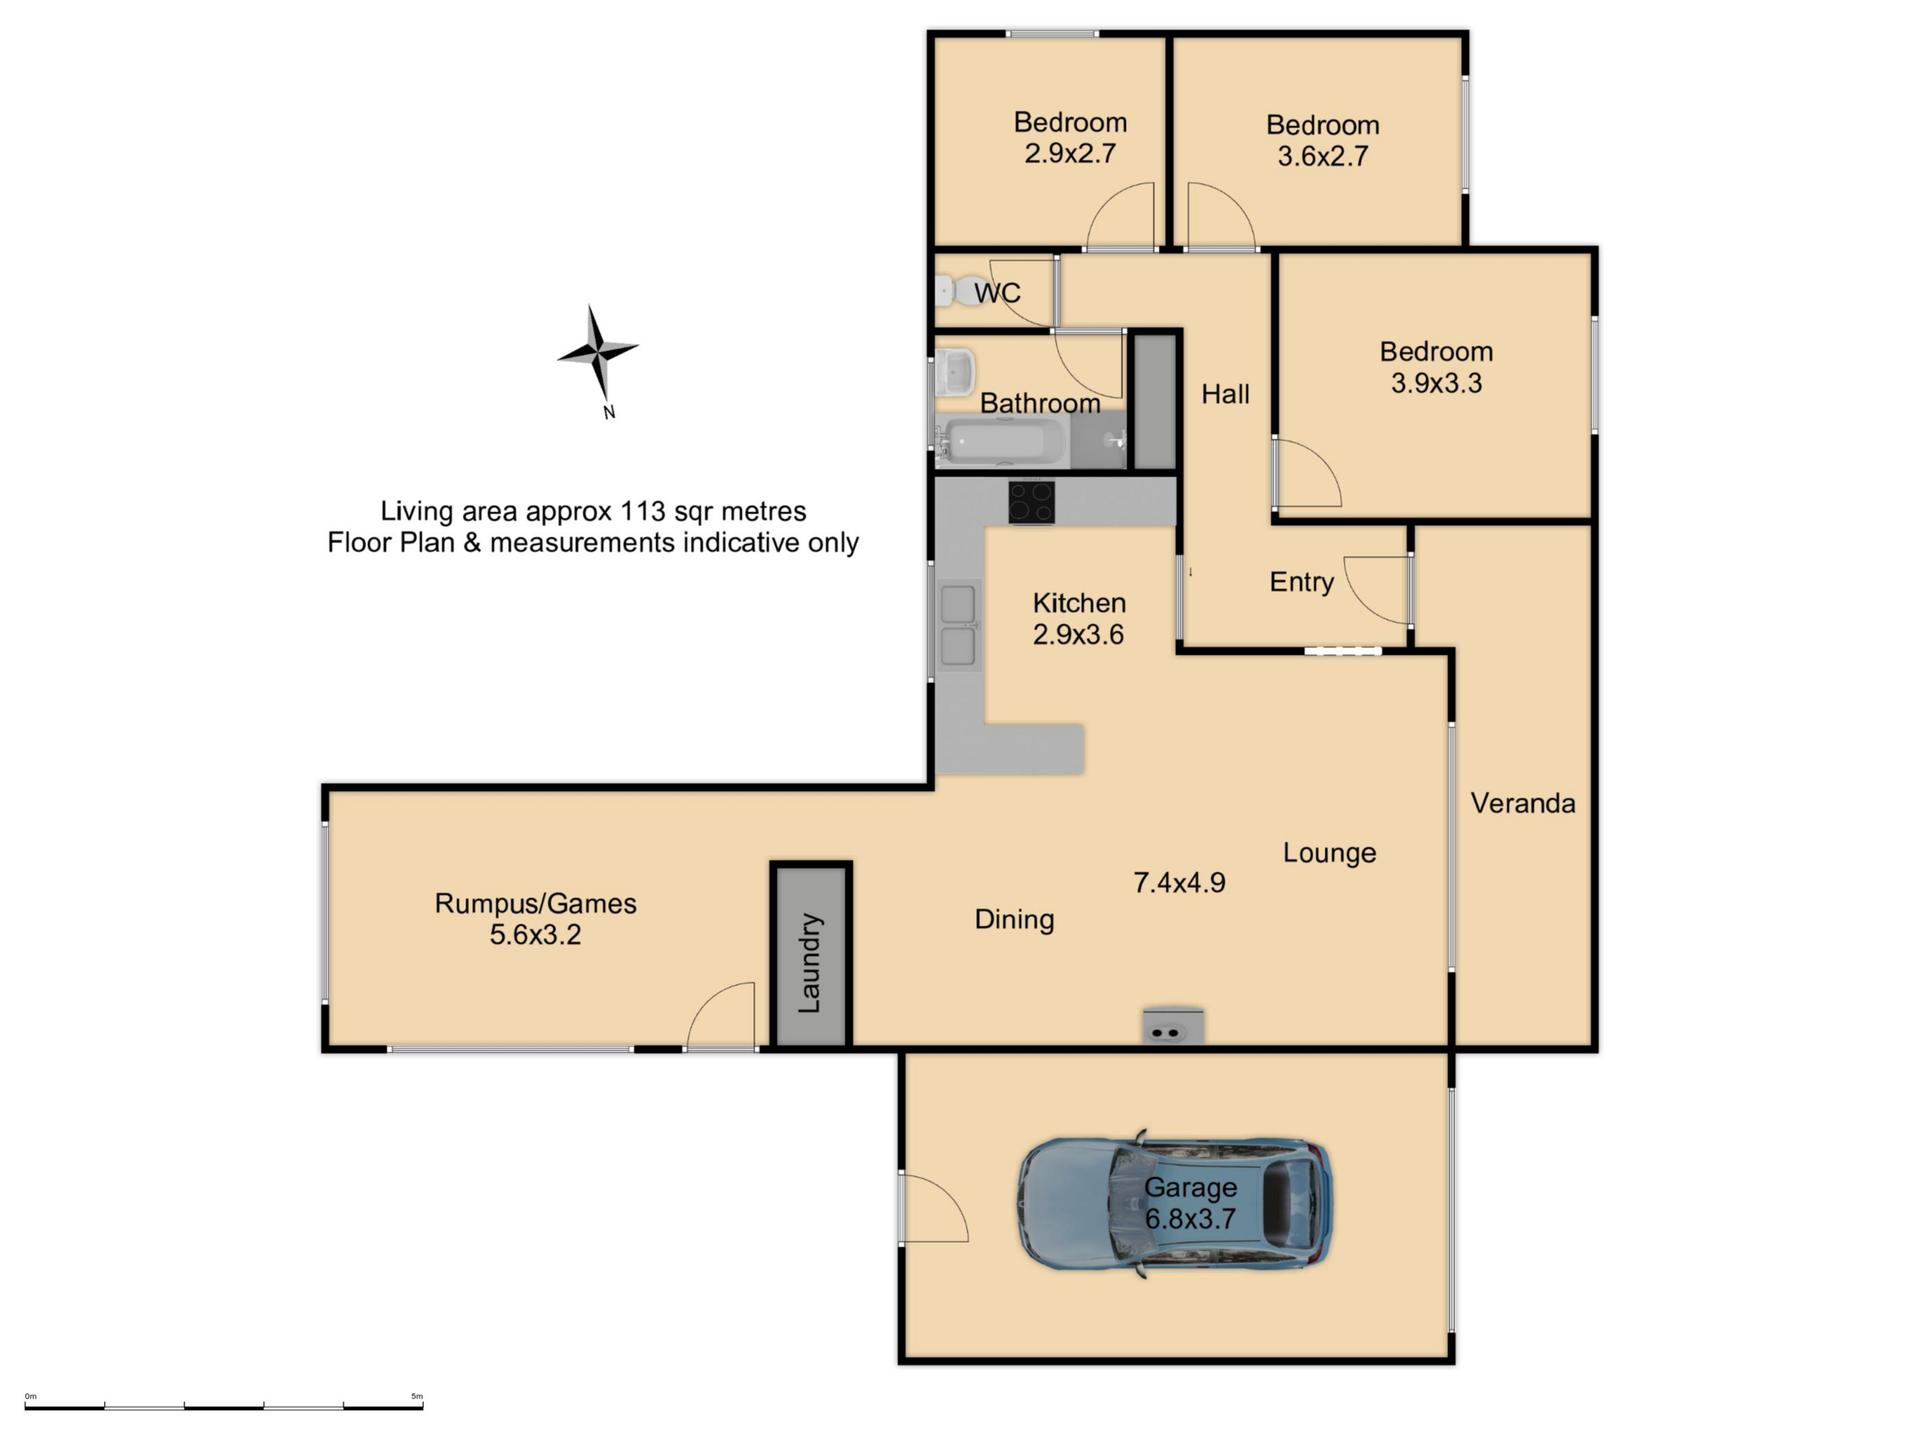 36 Palmer street - Floor Plan